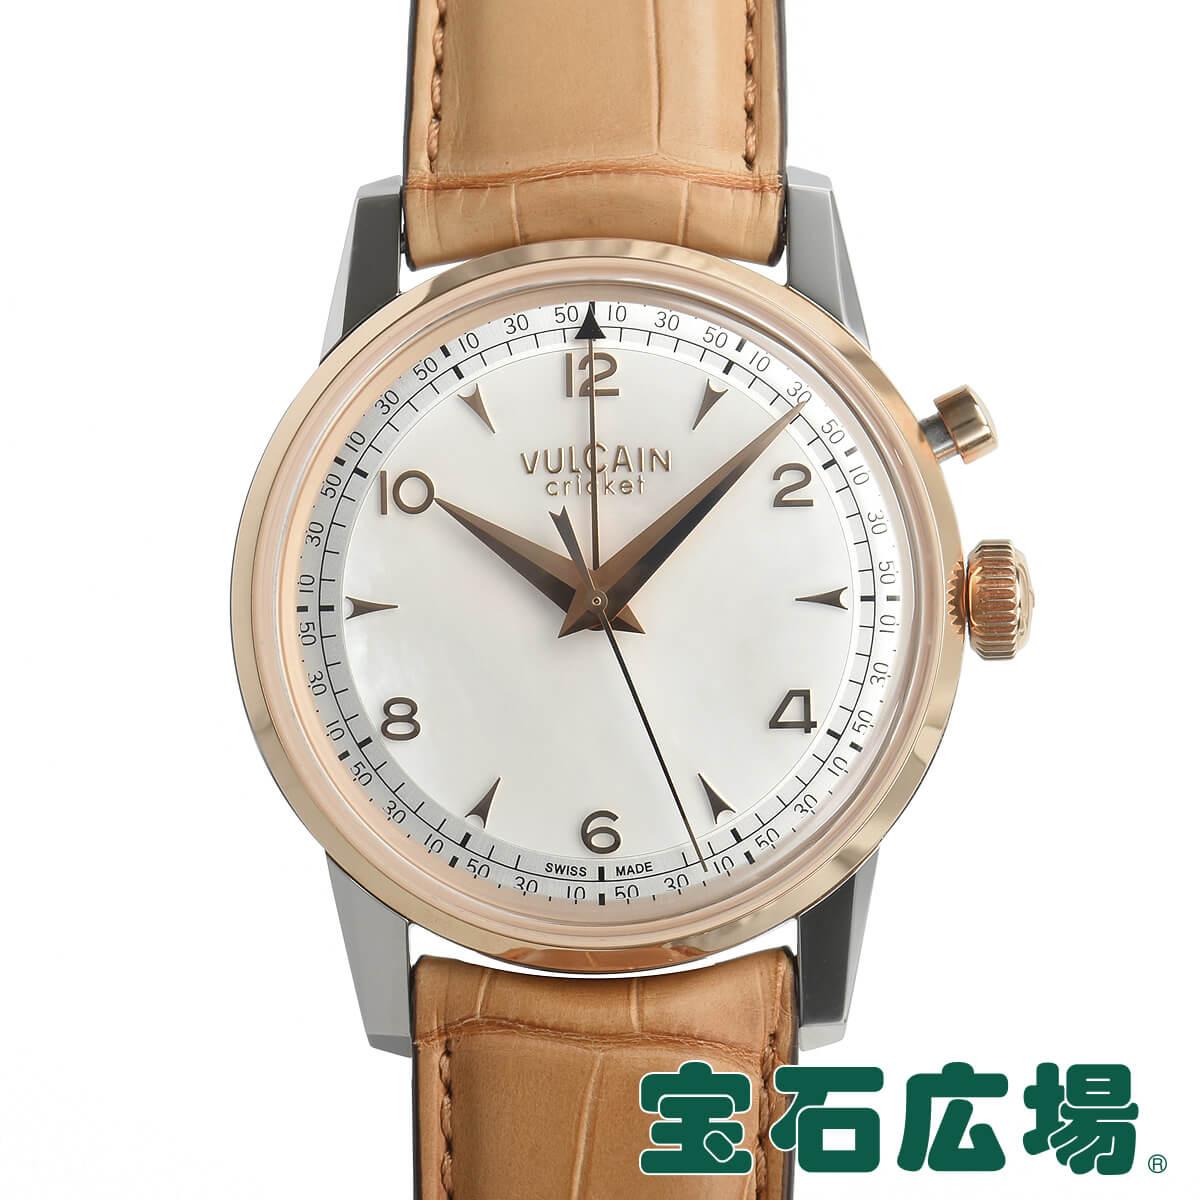 ヴァルカン VULCAIN 50s プレジデンツ ウォッチ 世界限定99本 100650N26.BAL114【新品】メンズ 腕時計 送料無料